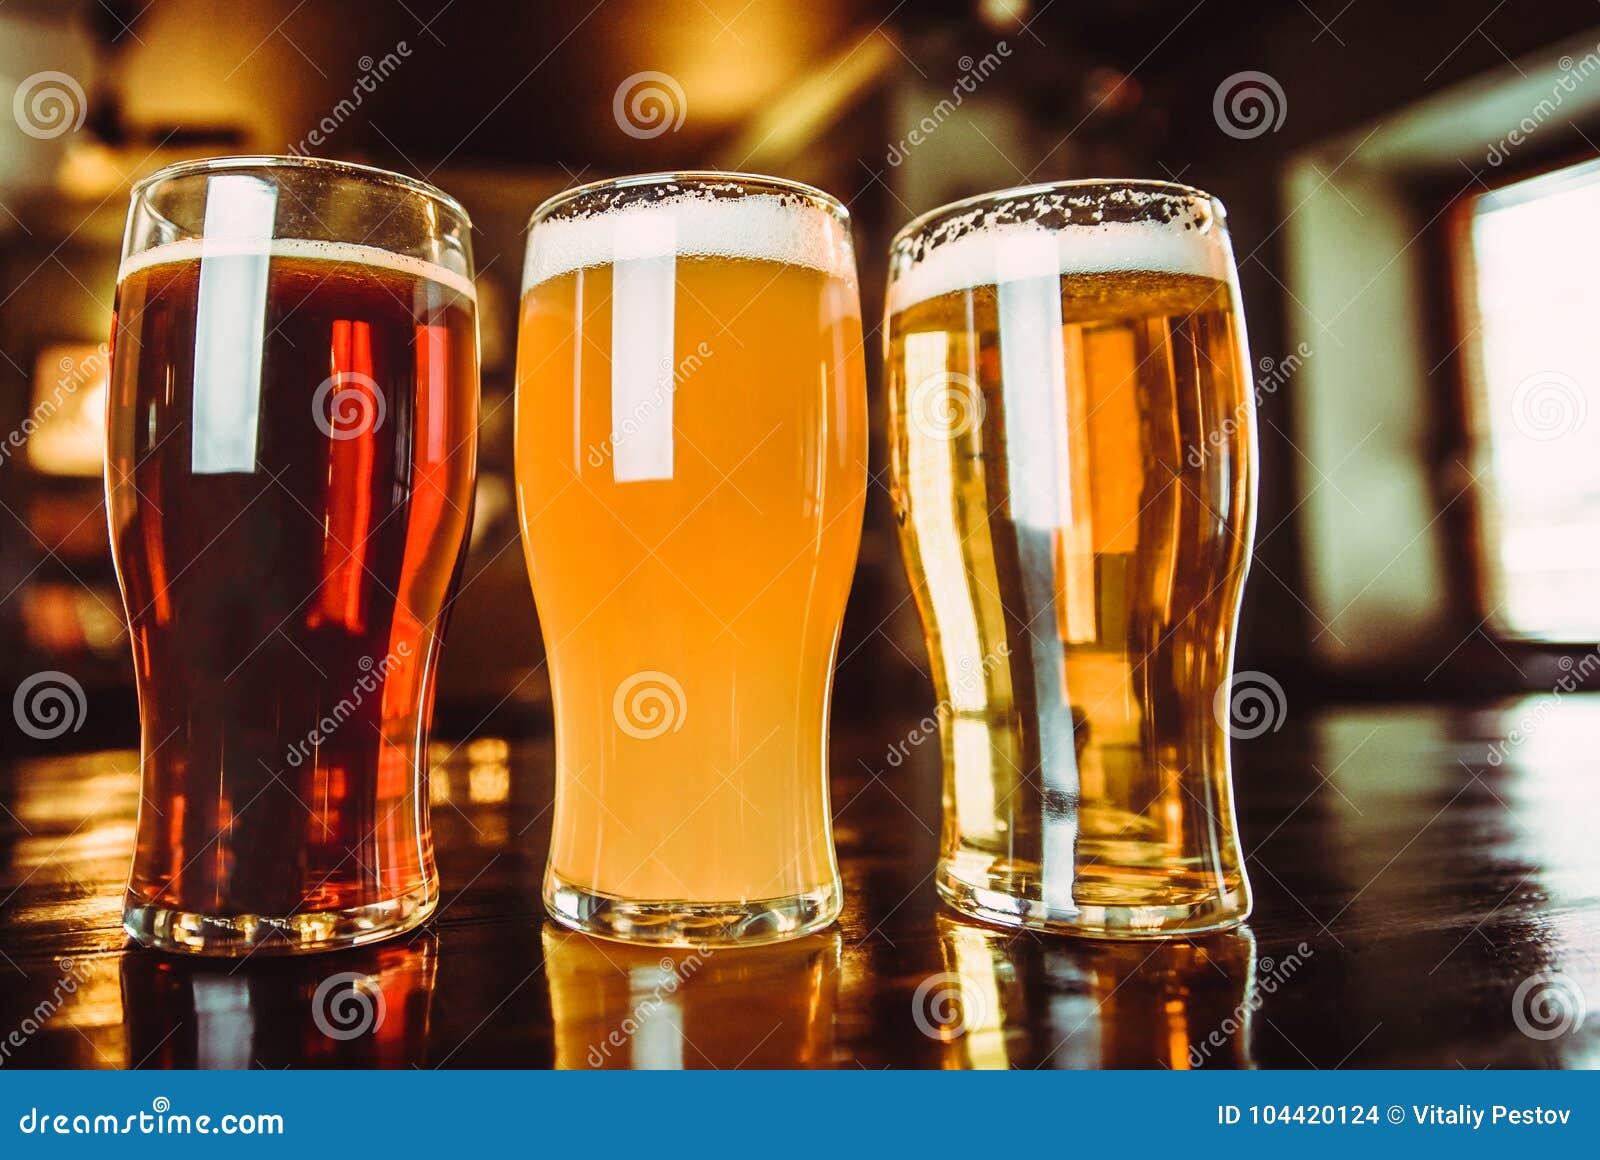 Vetri di birra leggera e scura su un fondo del pub